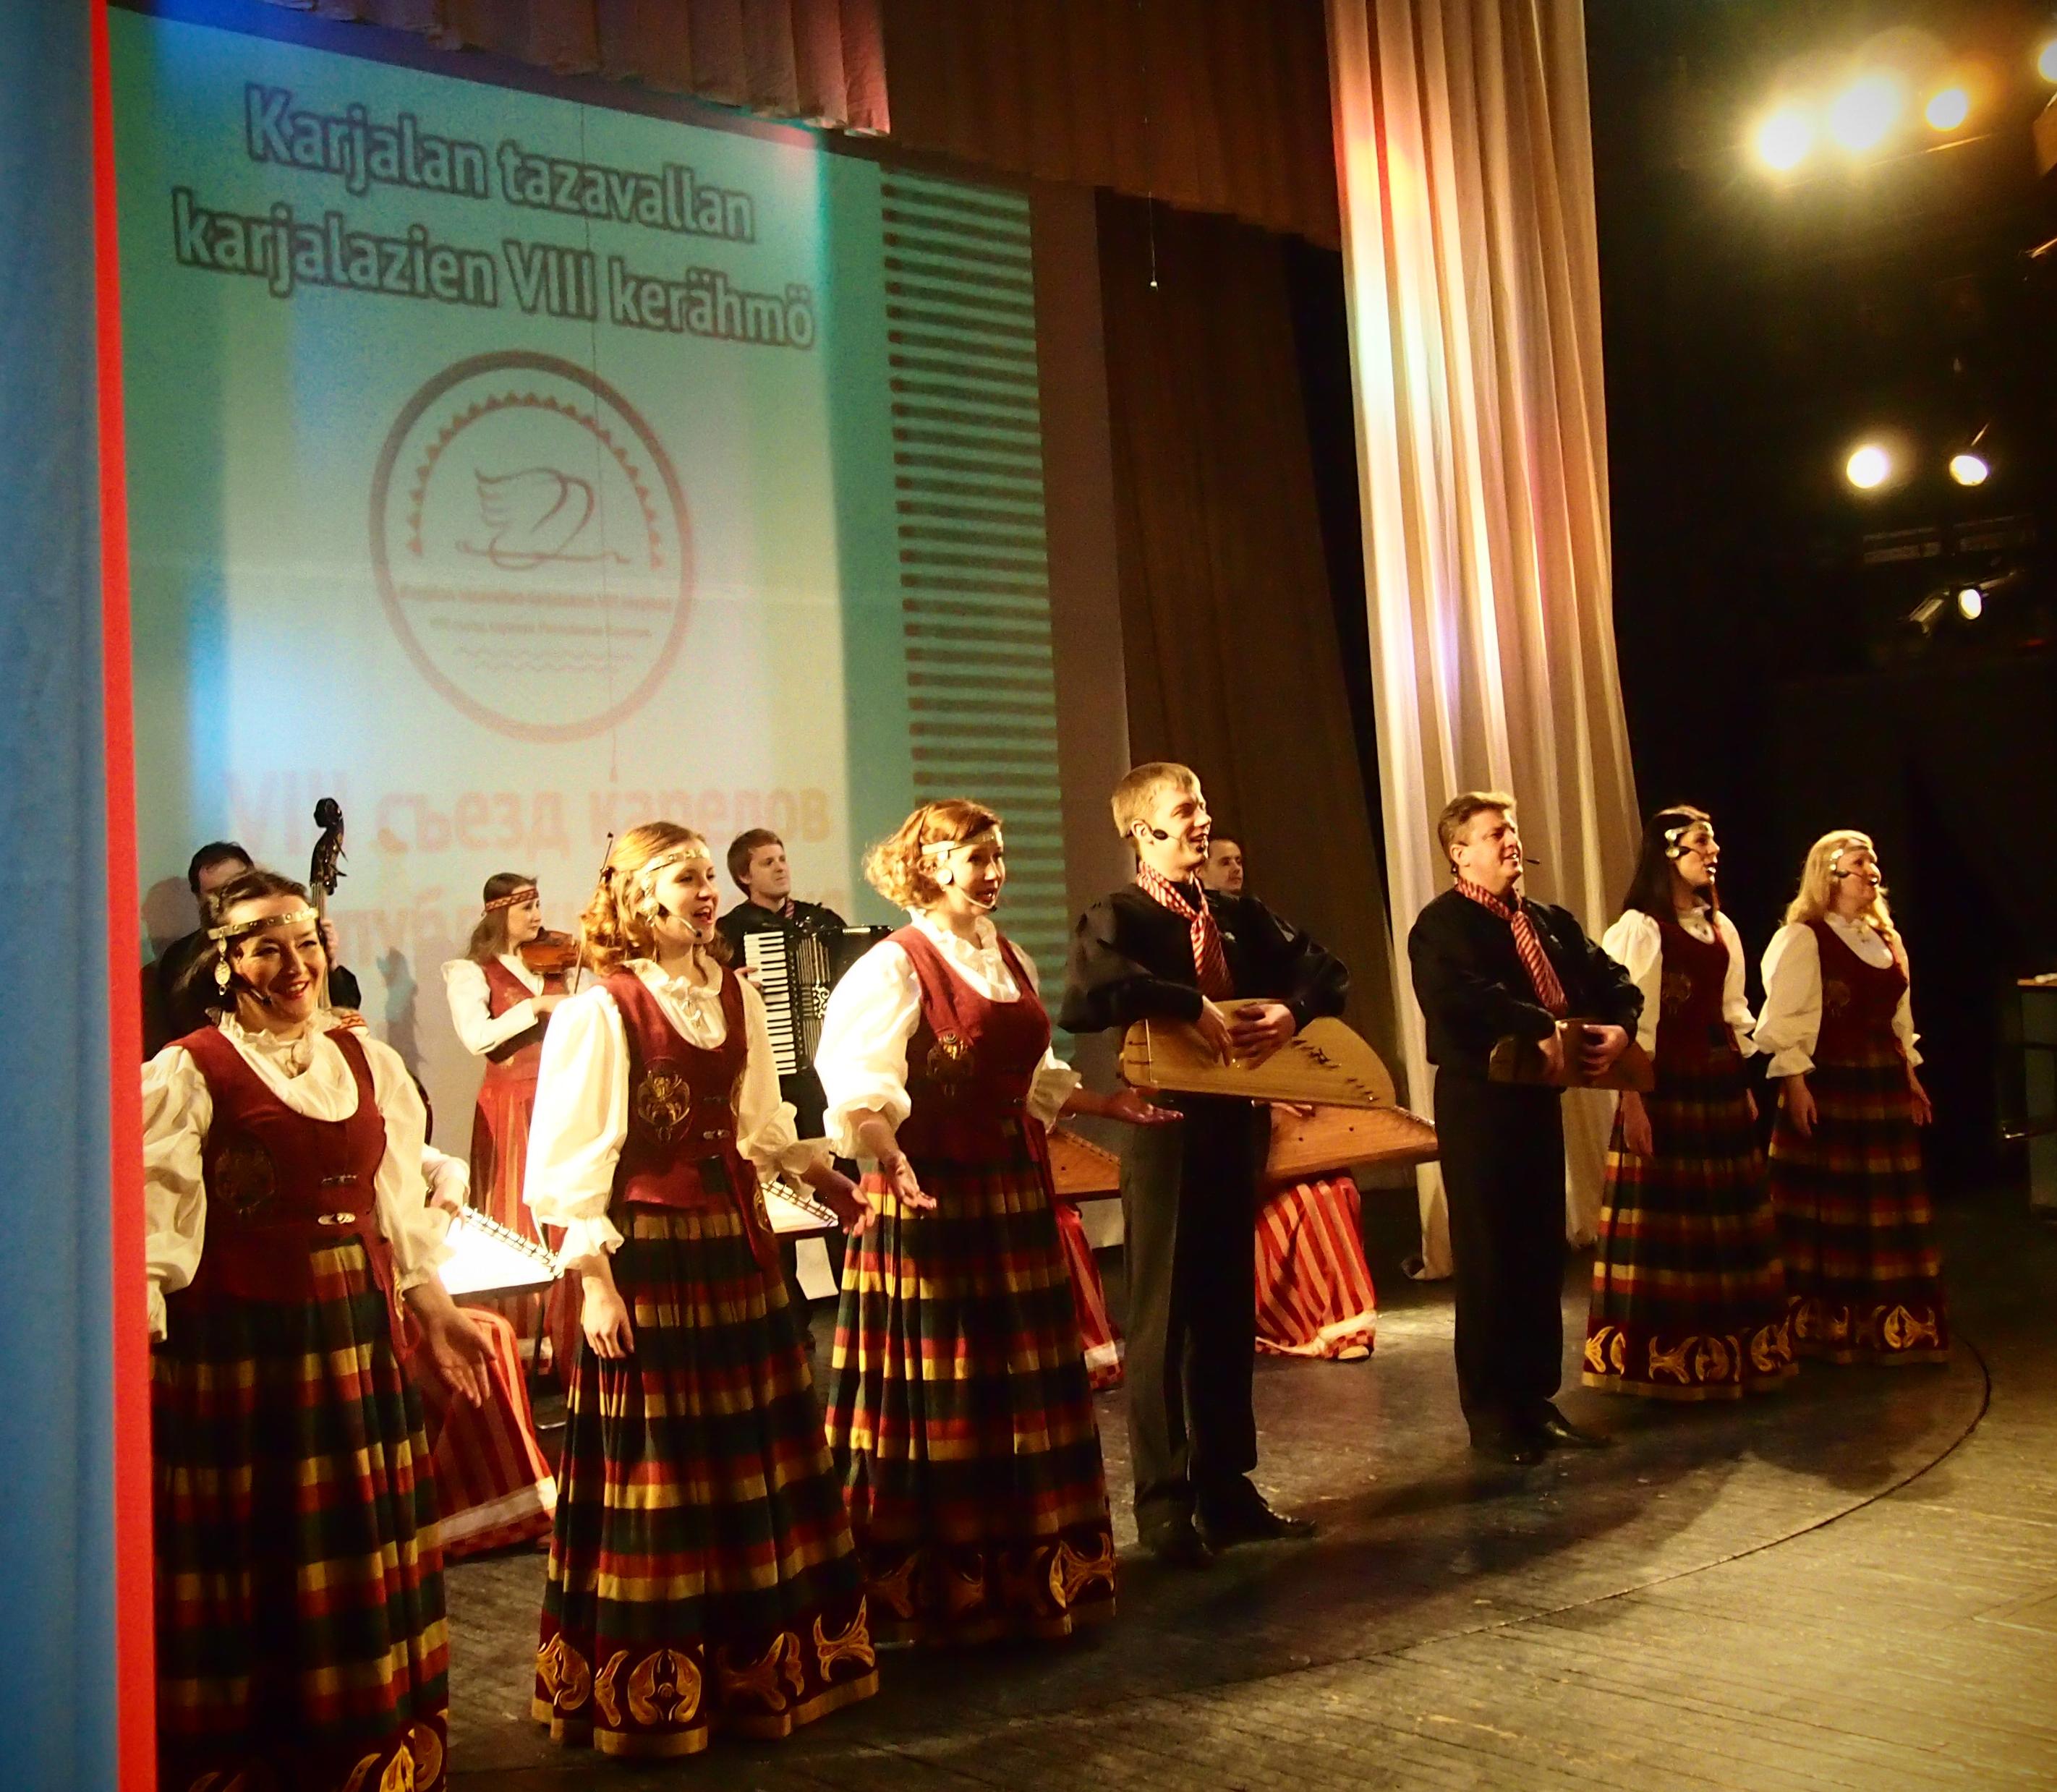 VIII съезд карелов проходит в Национальном театре Петрозаводска. Фото: Валерий Поташов